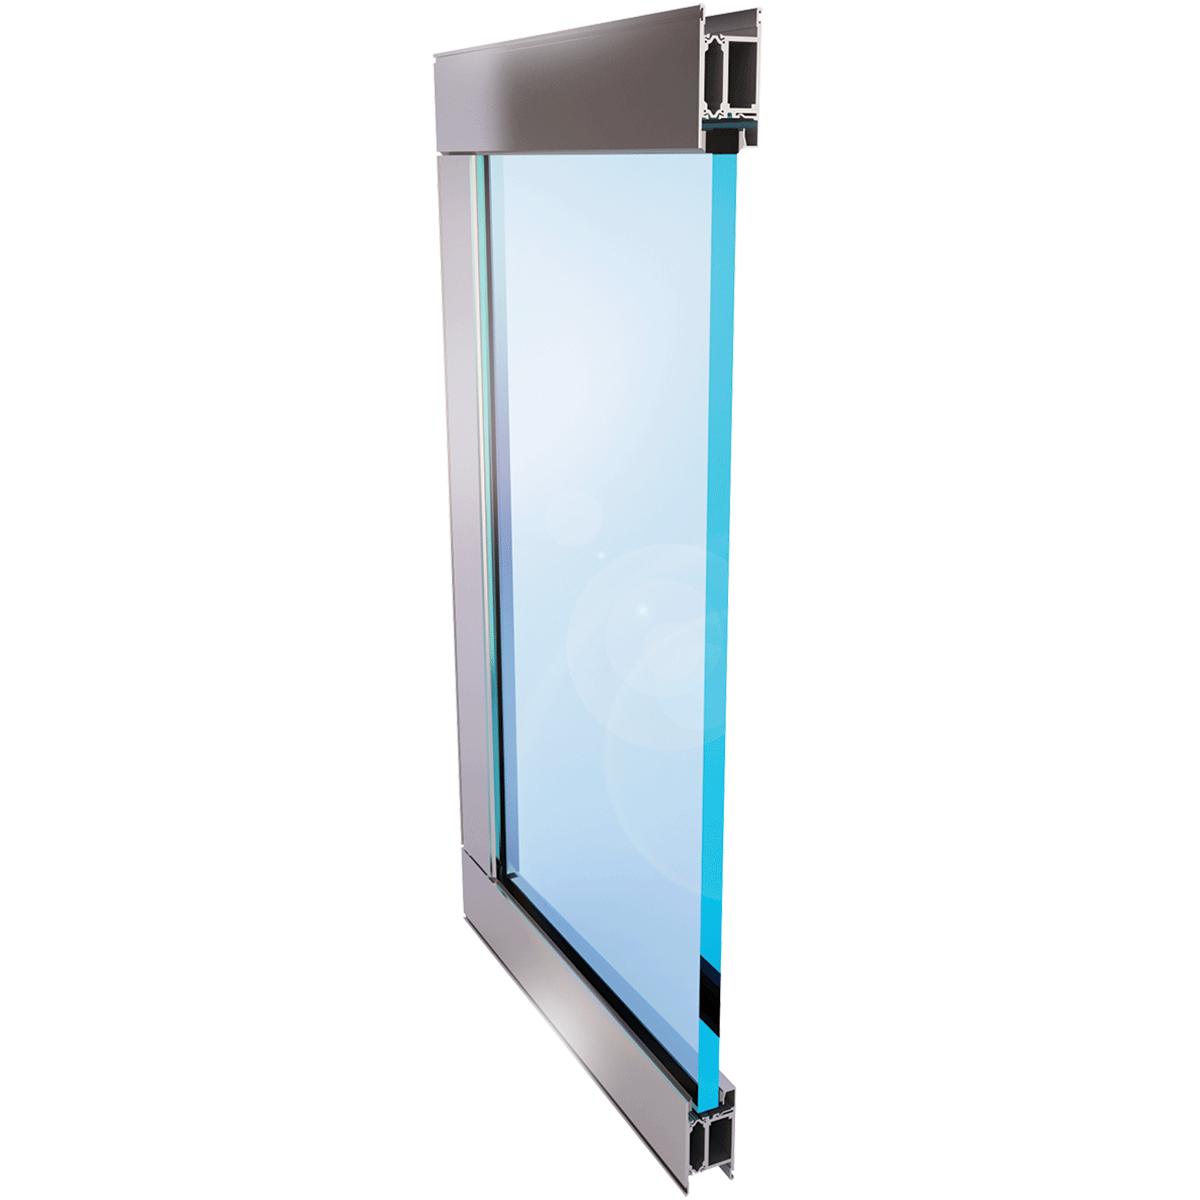 entrancesrugged-door-frame-72dpi-1200x1200